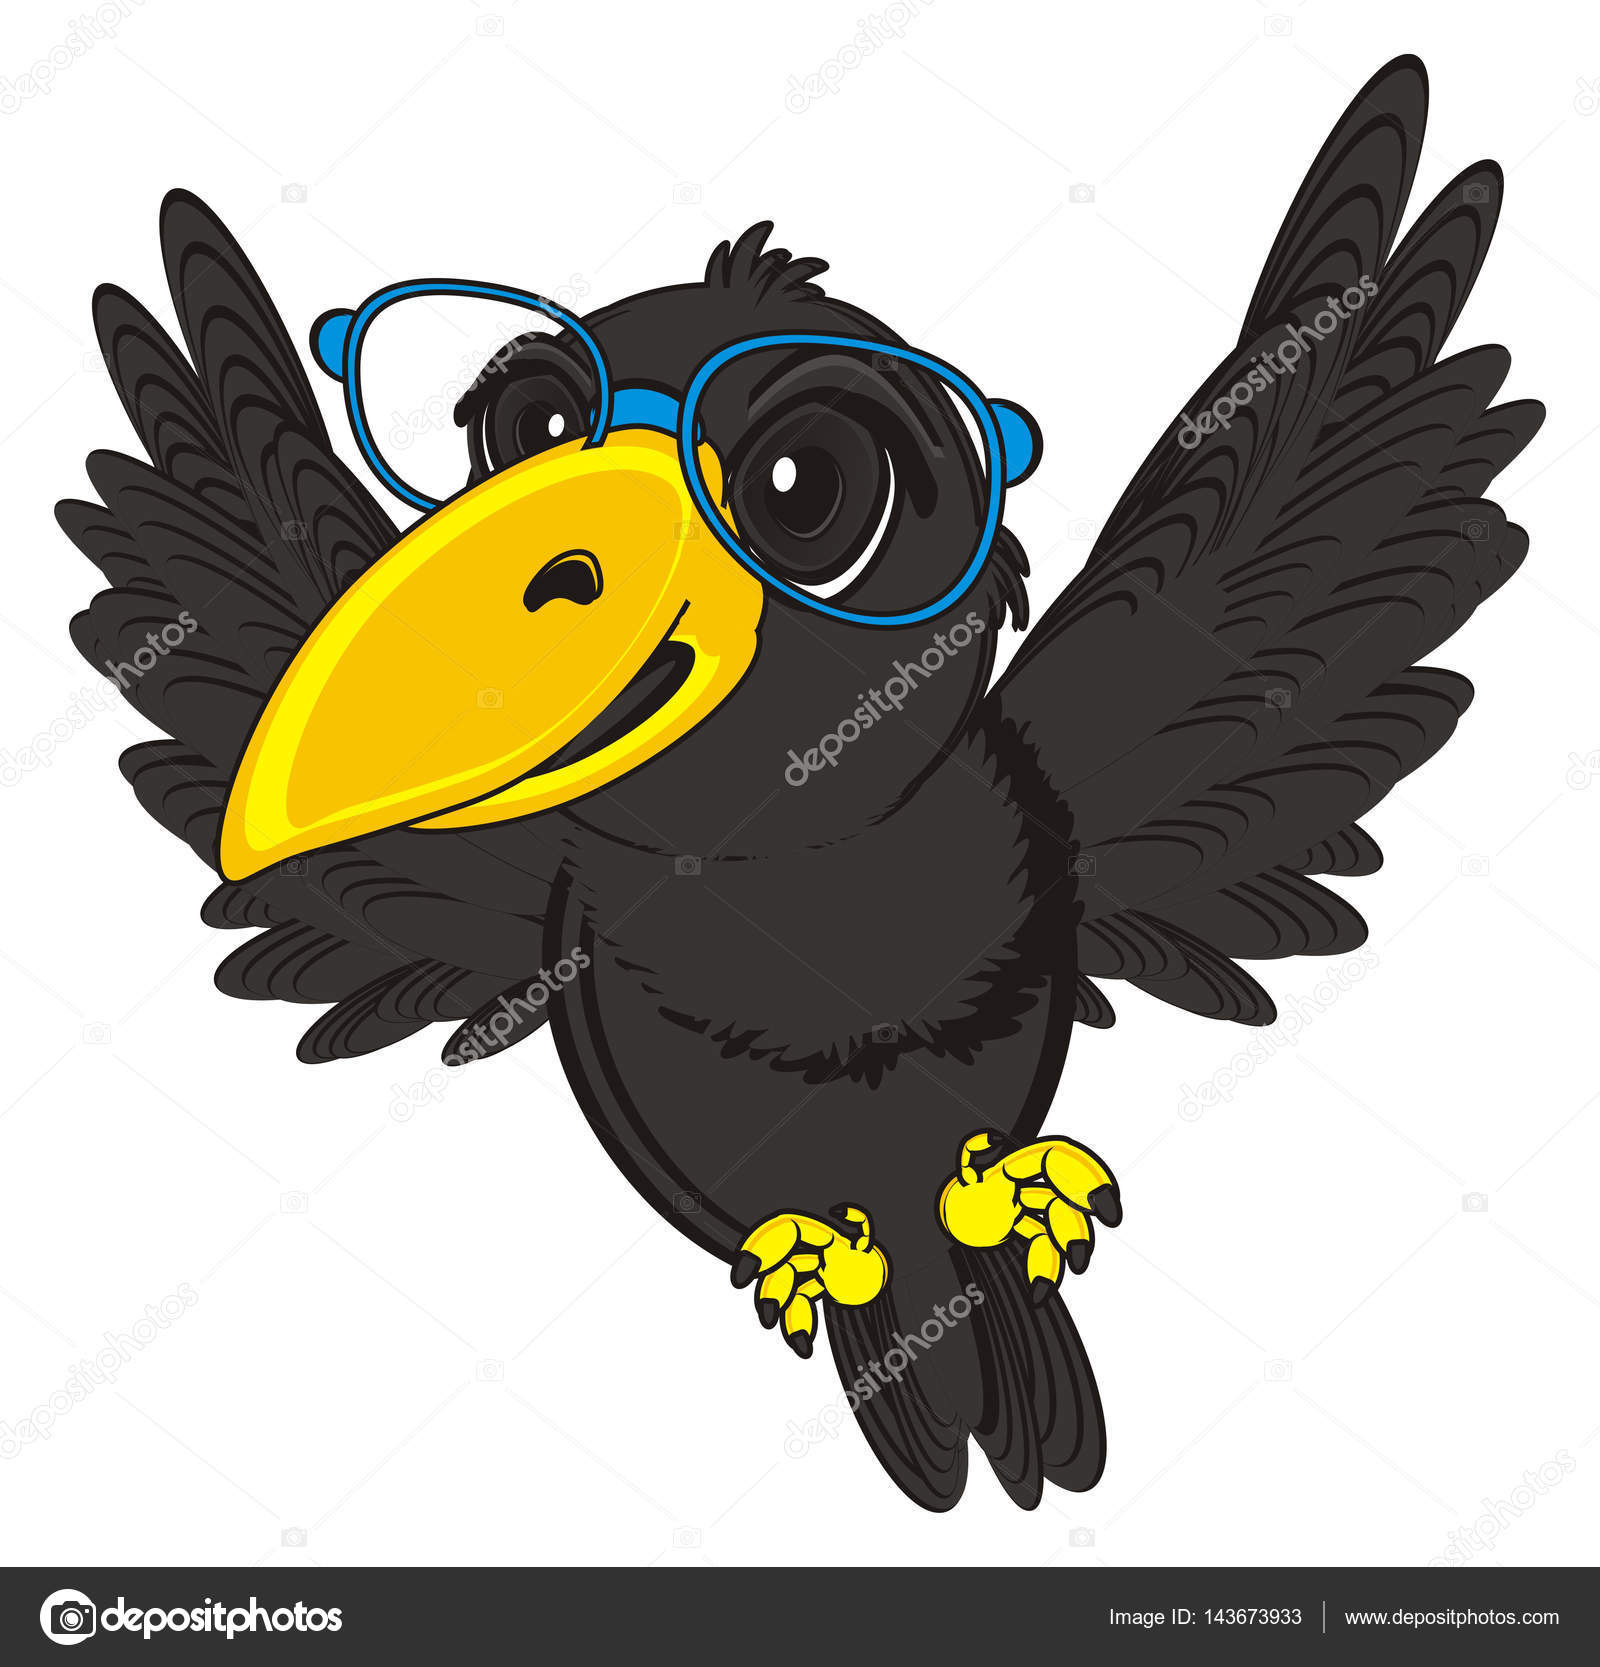 可爱的黑乌鸦 — 图库照片08tatty77tatty#143673933